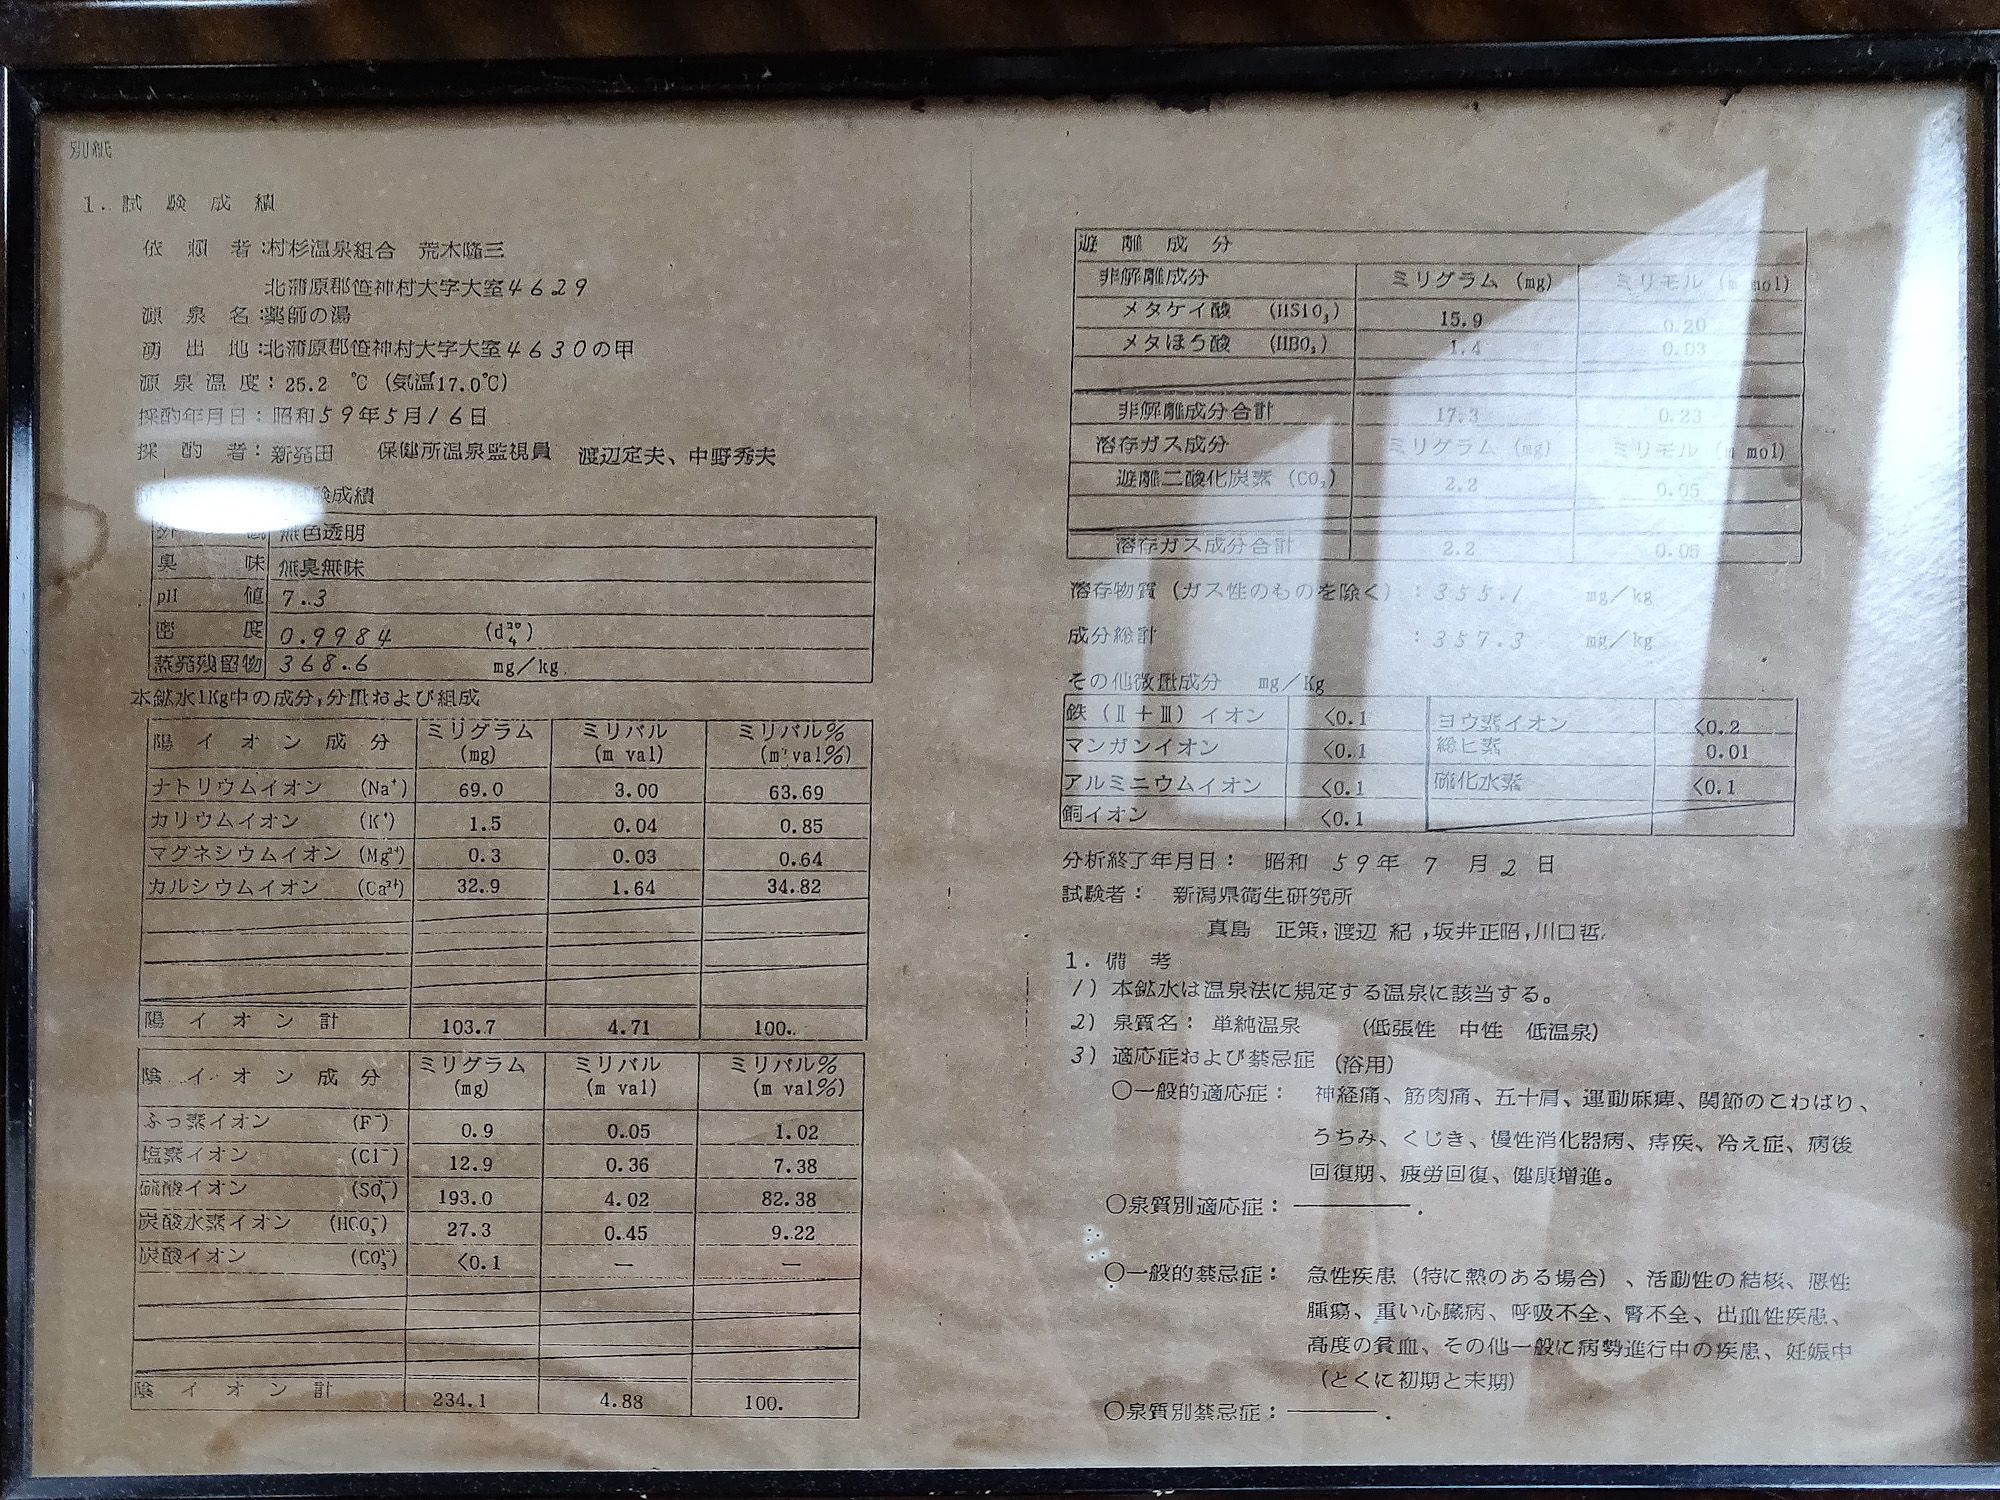 村杉温泉 薬師乃湯 古い温泉分析書